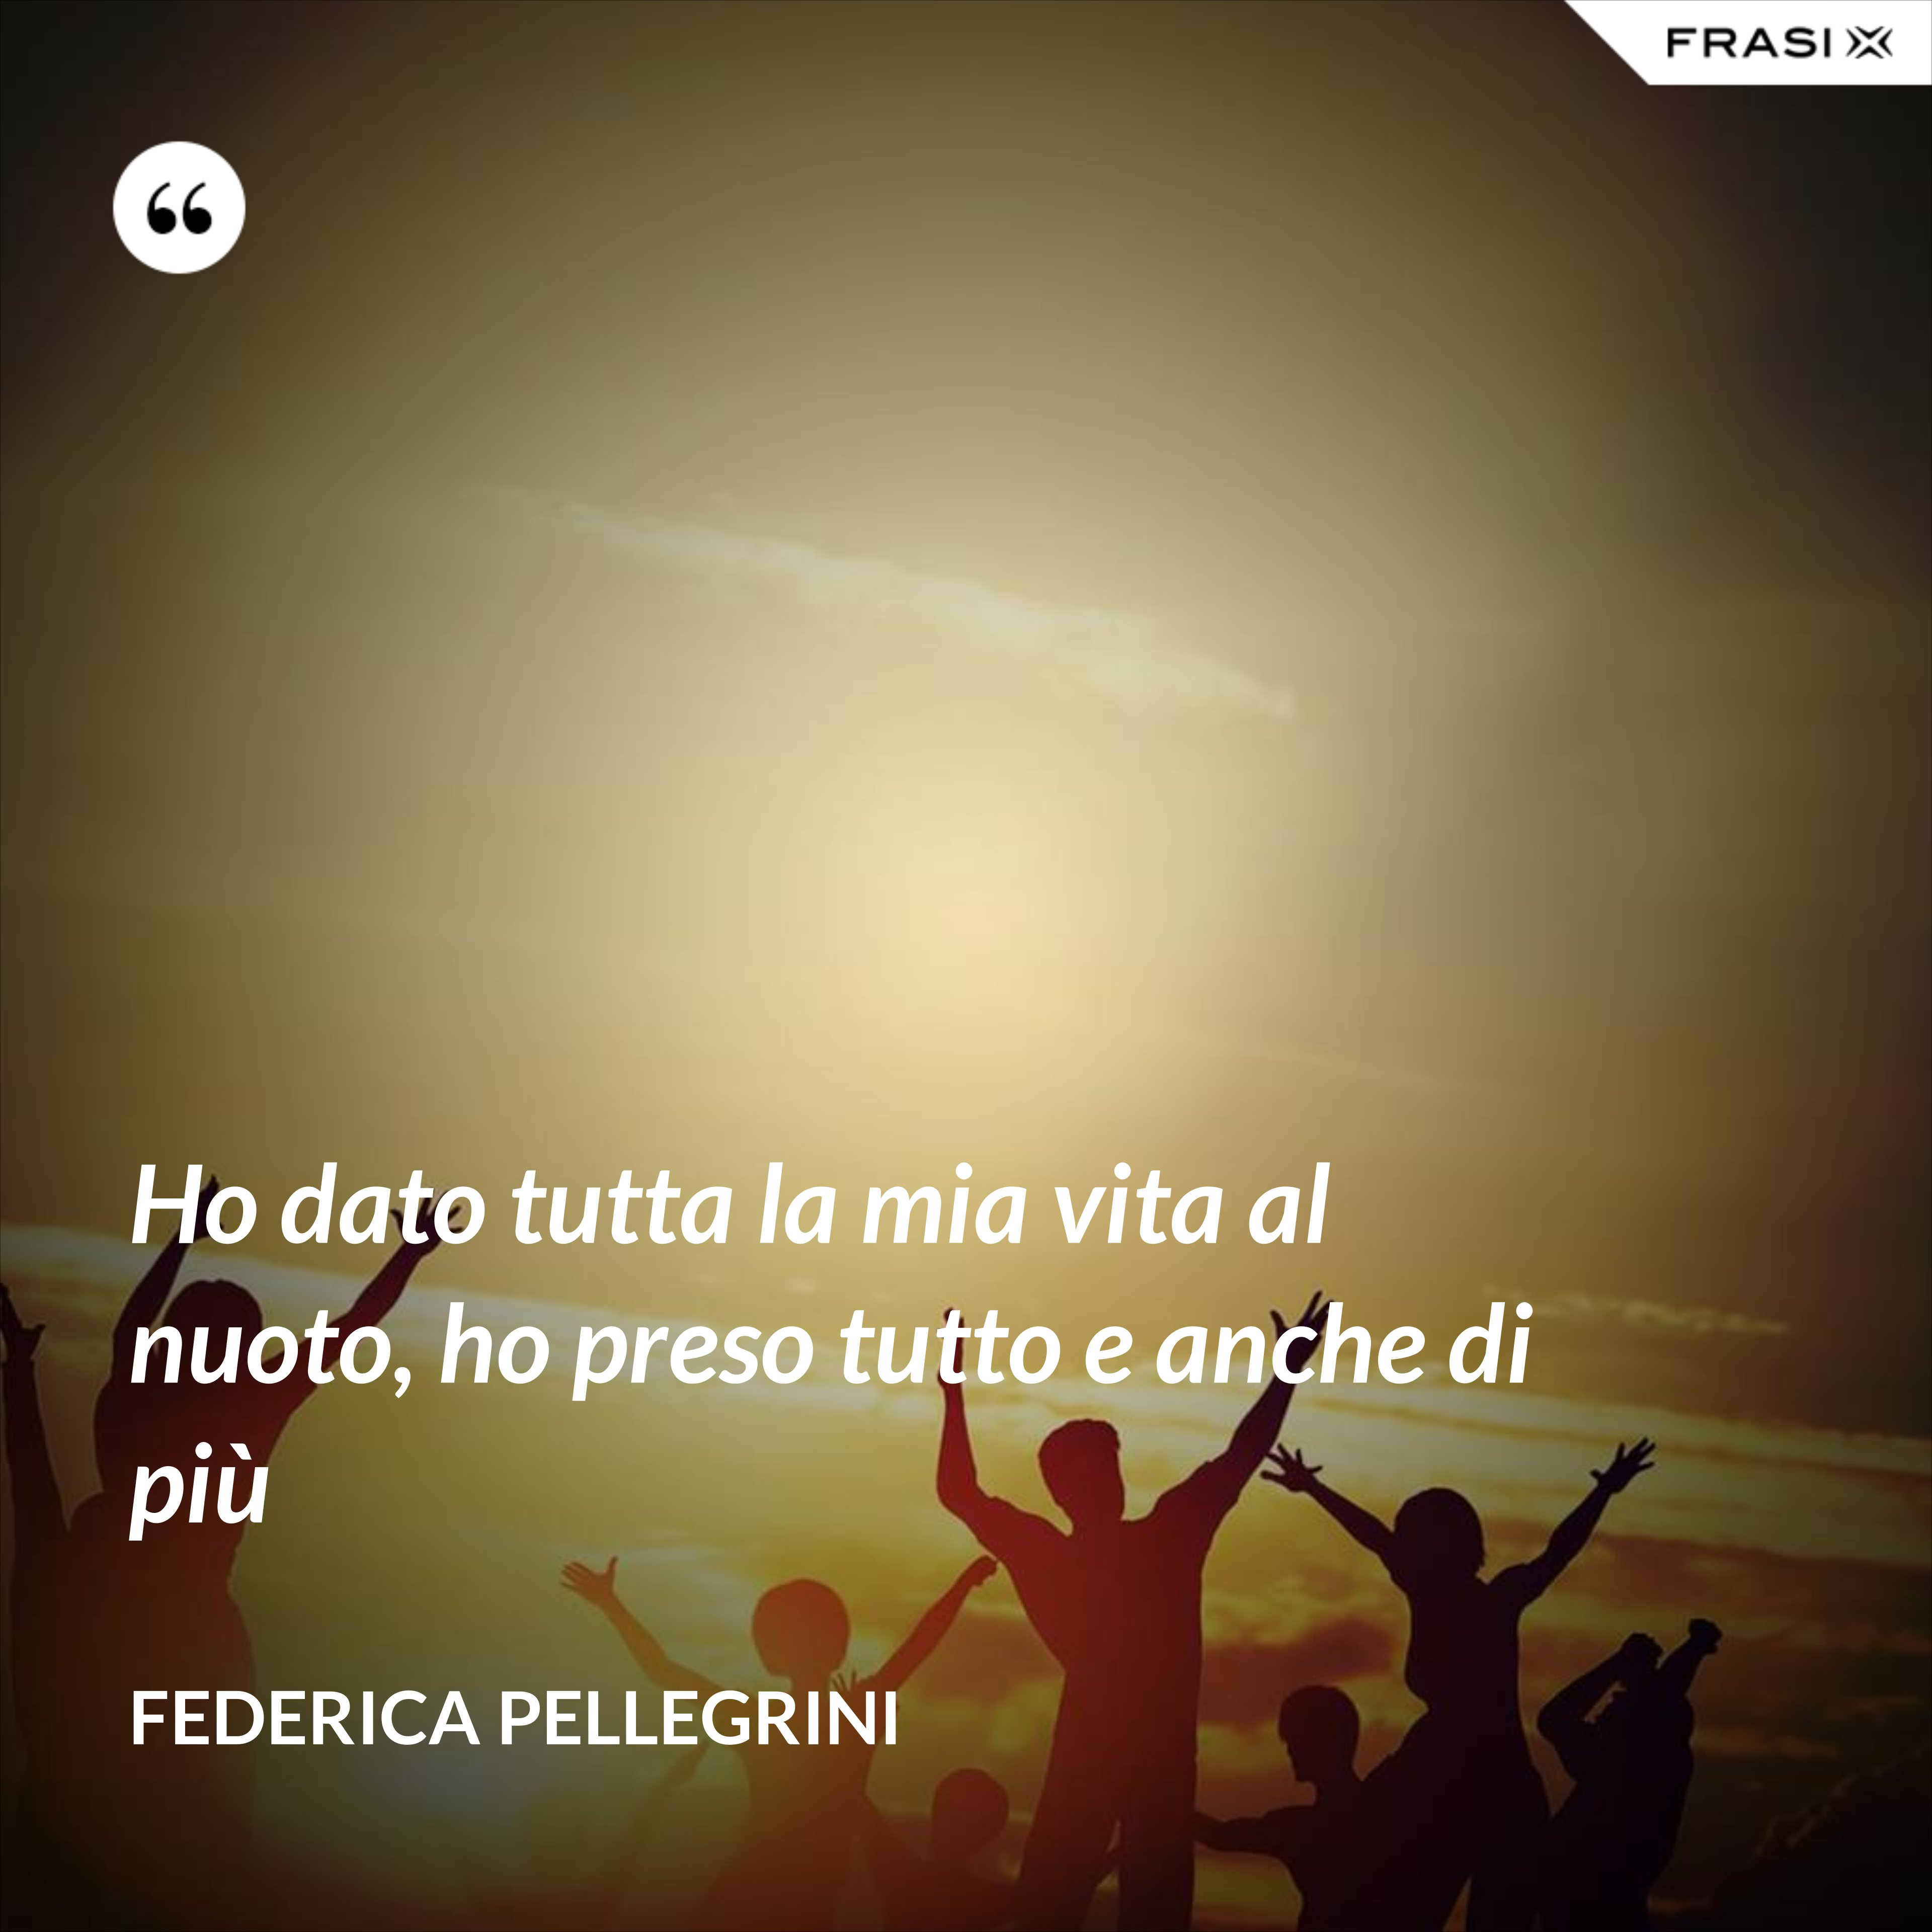 Ho dato tutta la mia vita al nuoto, ho preso tutto e anche di più - Federica Pellegrini